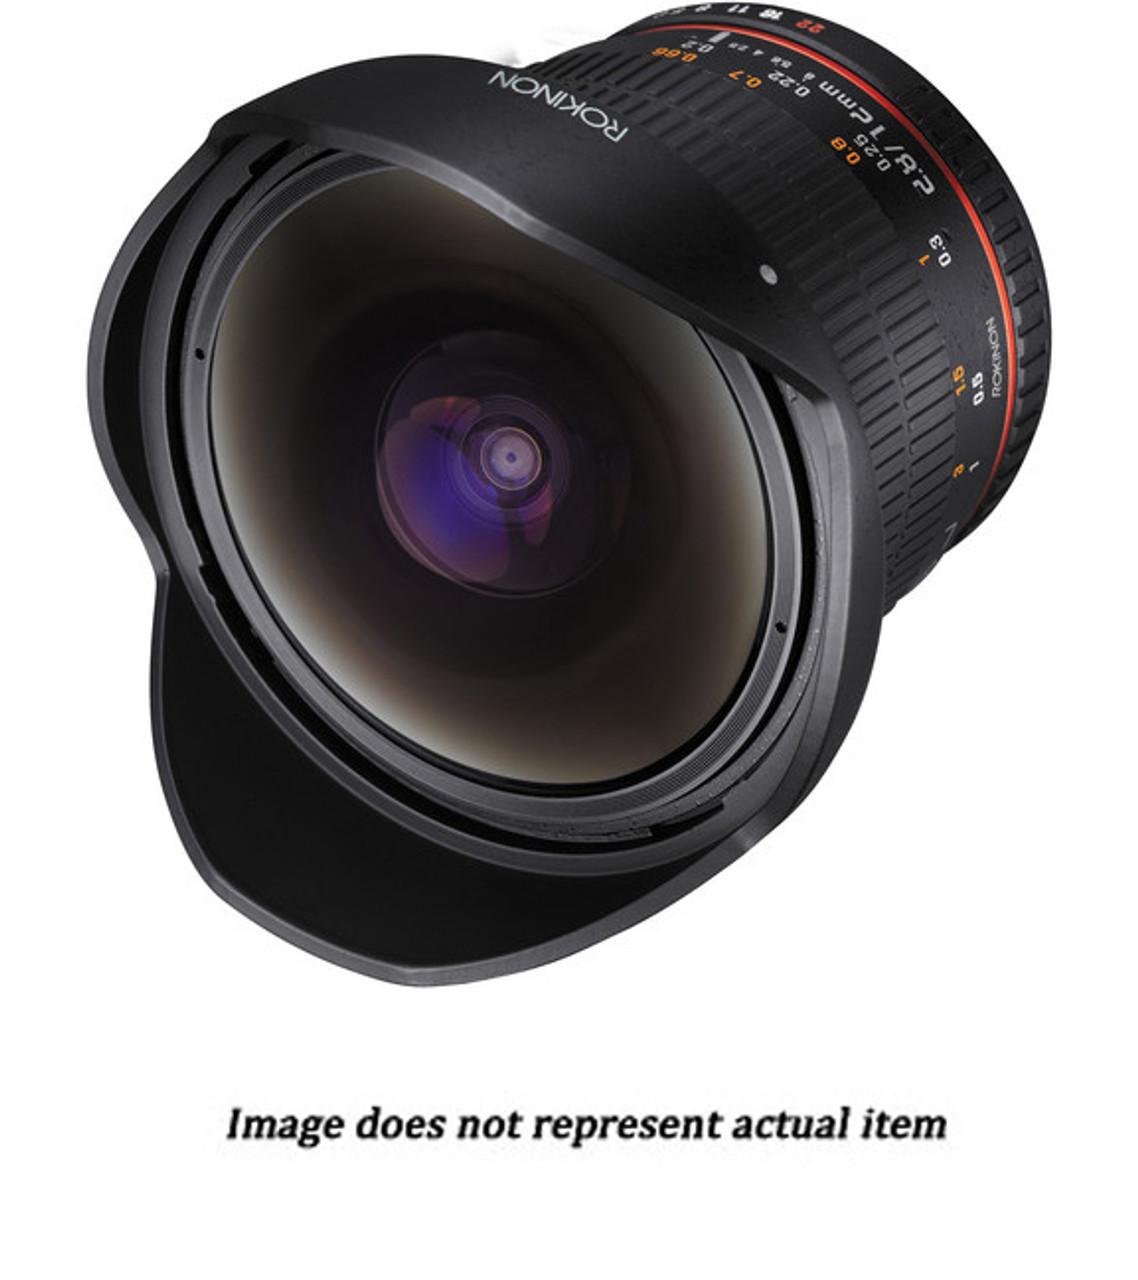 Rokinon 12mm f/2.8 ED AS IF NCS UMC Fisheye Lens for Sony Full Frame E-Mount (USED) - S/N E216G3492